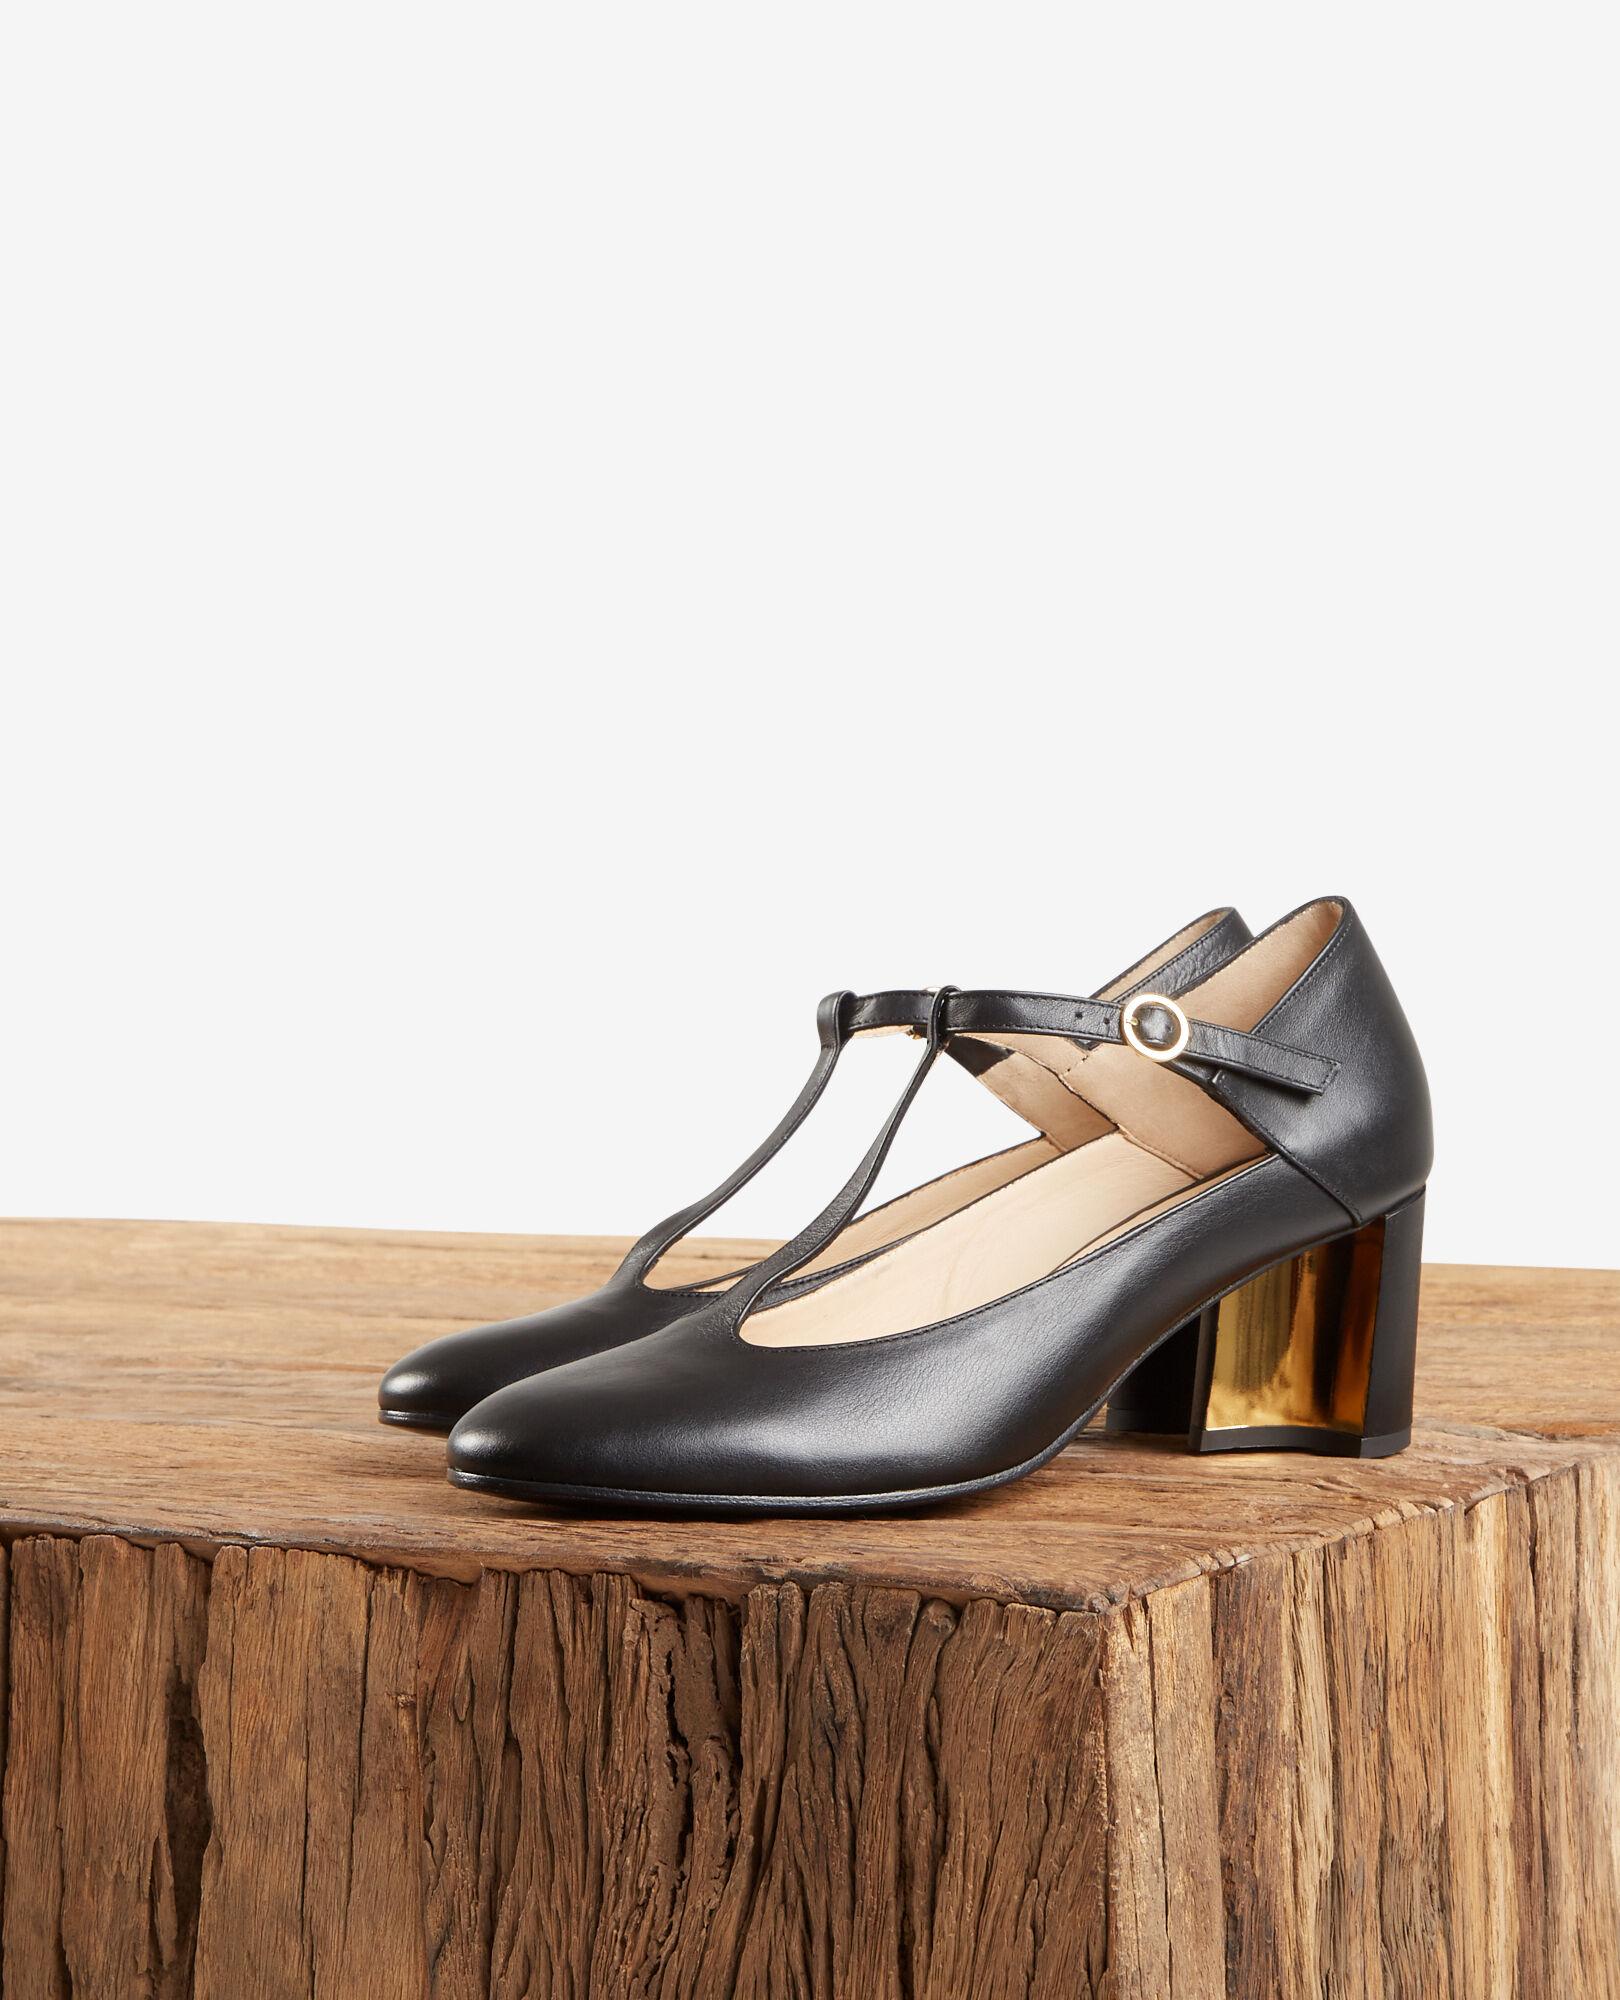 Chaussures Couleur En Femme Comptoir Noir Cuir Salomé Fillette rn7Zfr